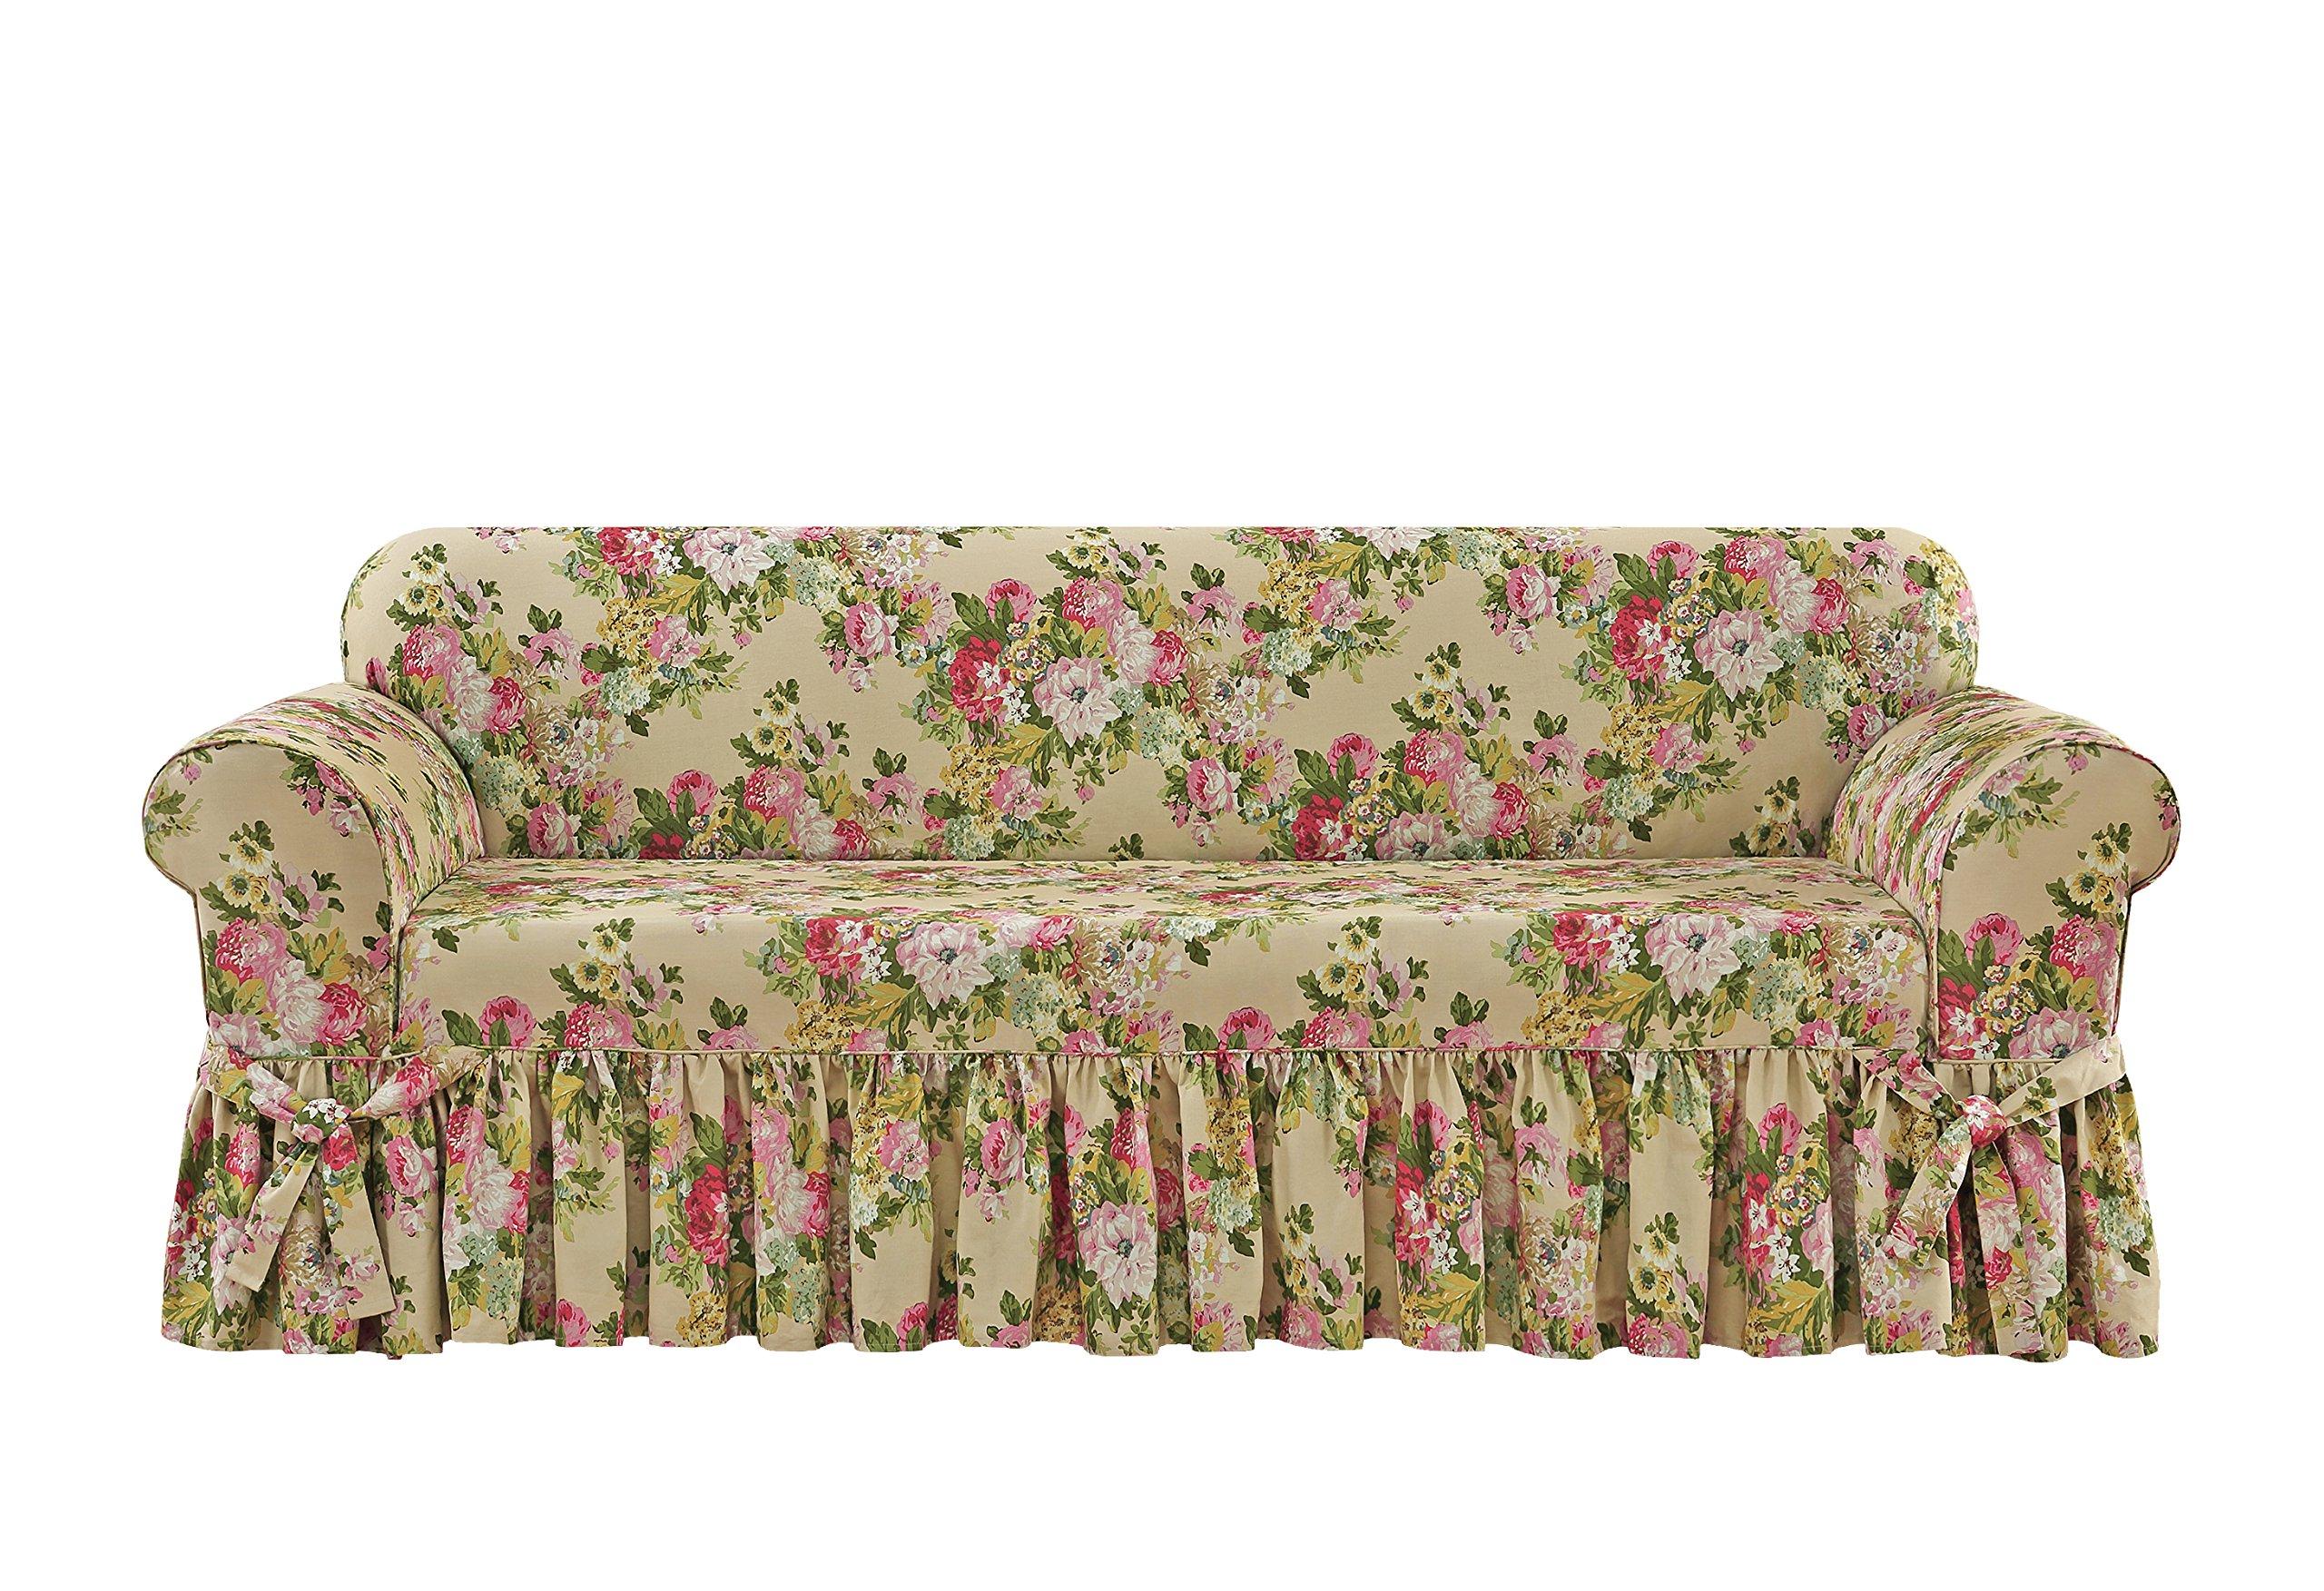 Surefit SF46993 One Piece Sofa Slipcover, Bliss by Surefit